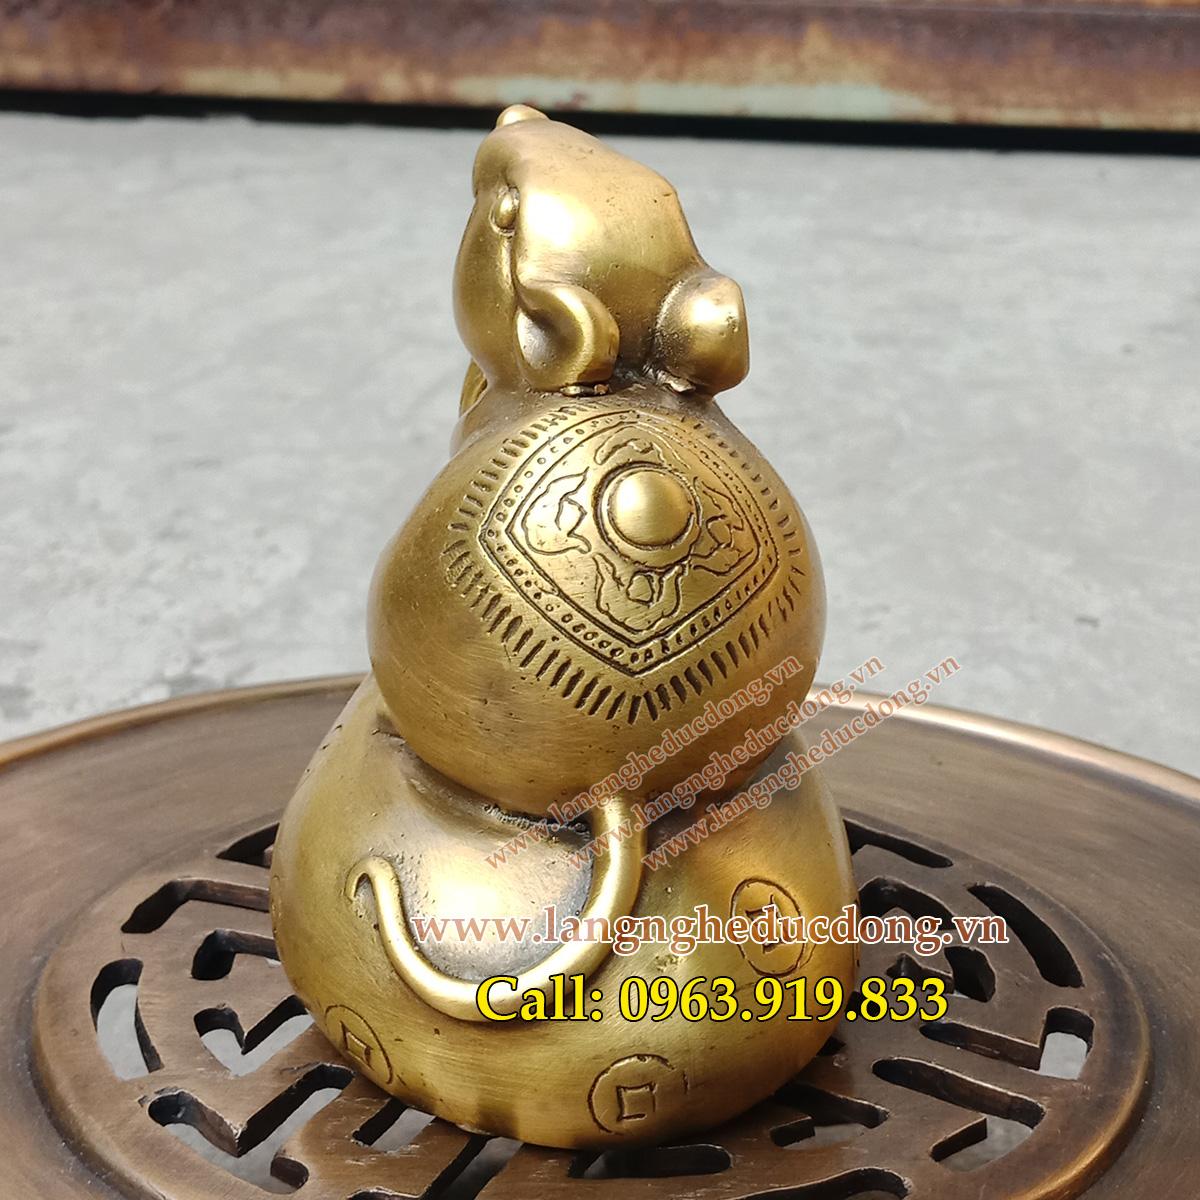 langngheducdong.vn - chuột đồng, chuột phong thủy, đồ đồng phong thủy